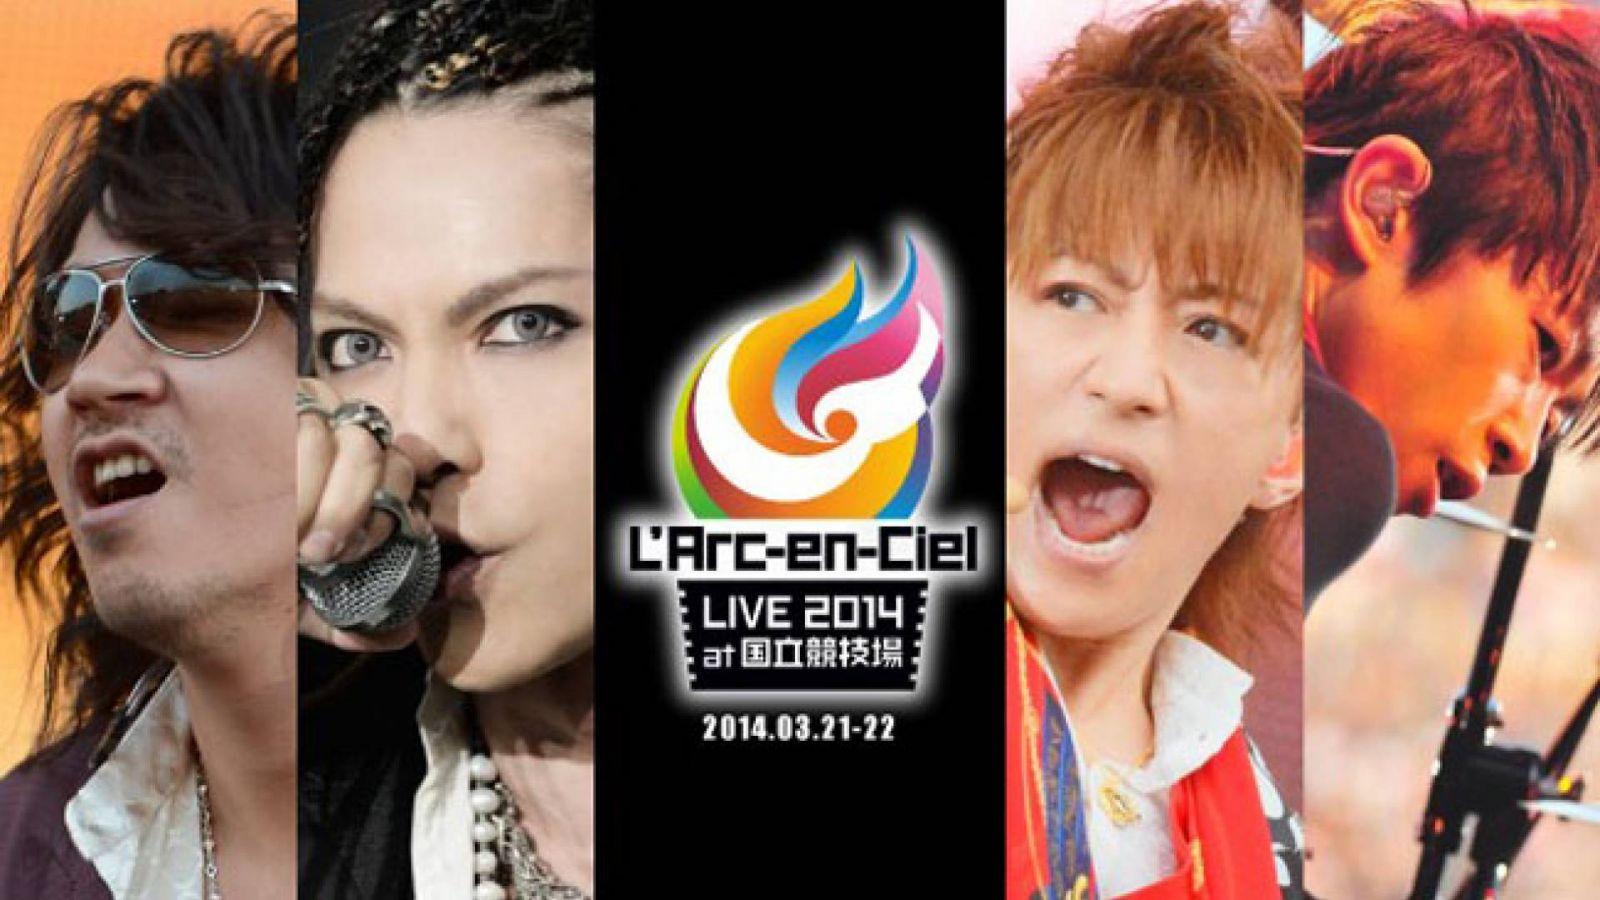 L'Arc~en~Ciel LIVE 2014 at National Stadium Broadcast Ticket Giveaway © L'Arc~en~Ciel